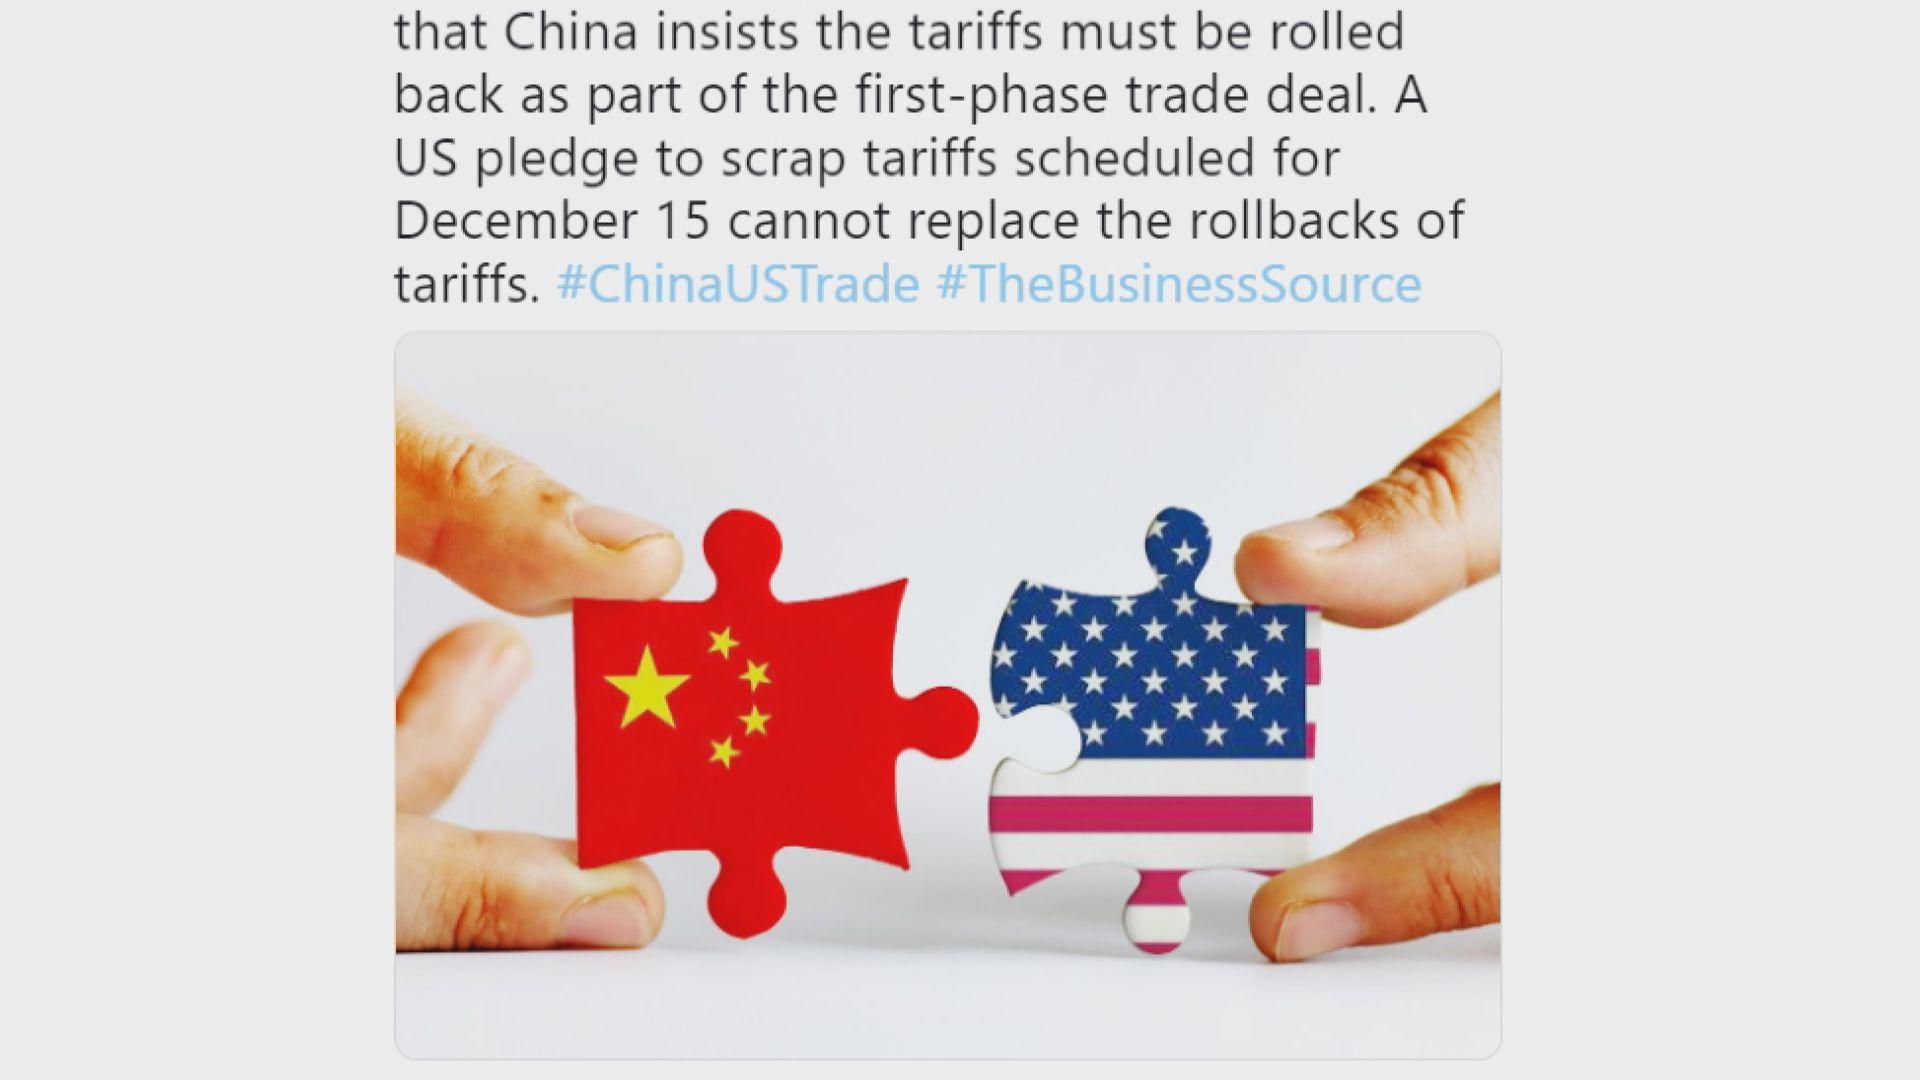 傳中方堅持美須撤銷對華貨品加徵的關稅